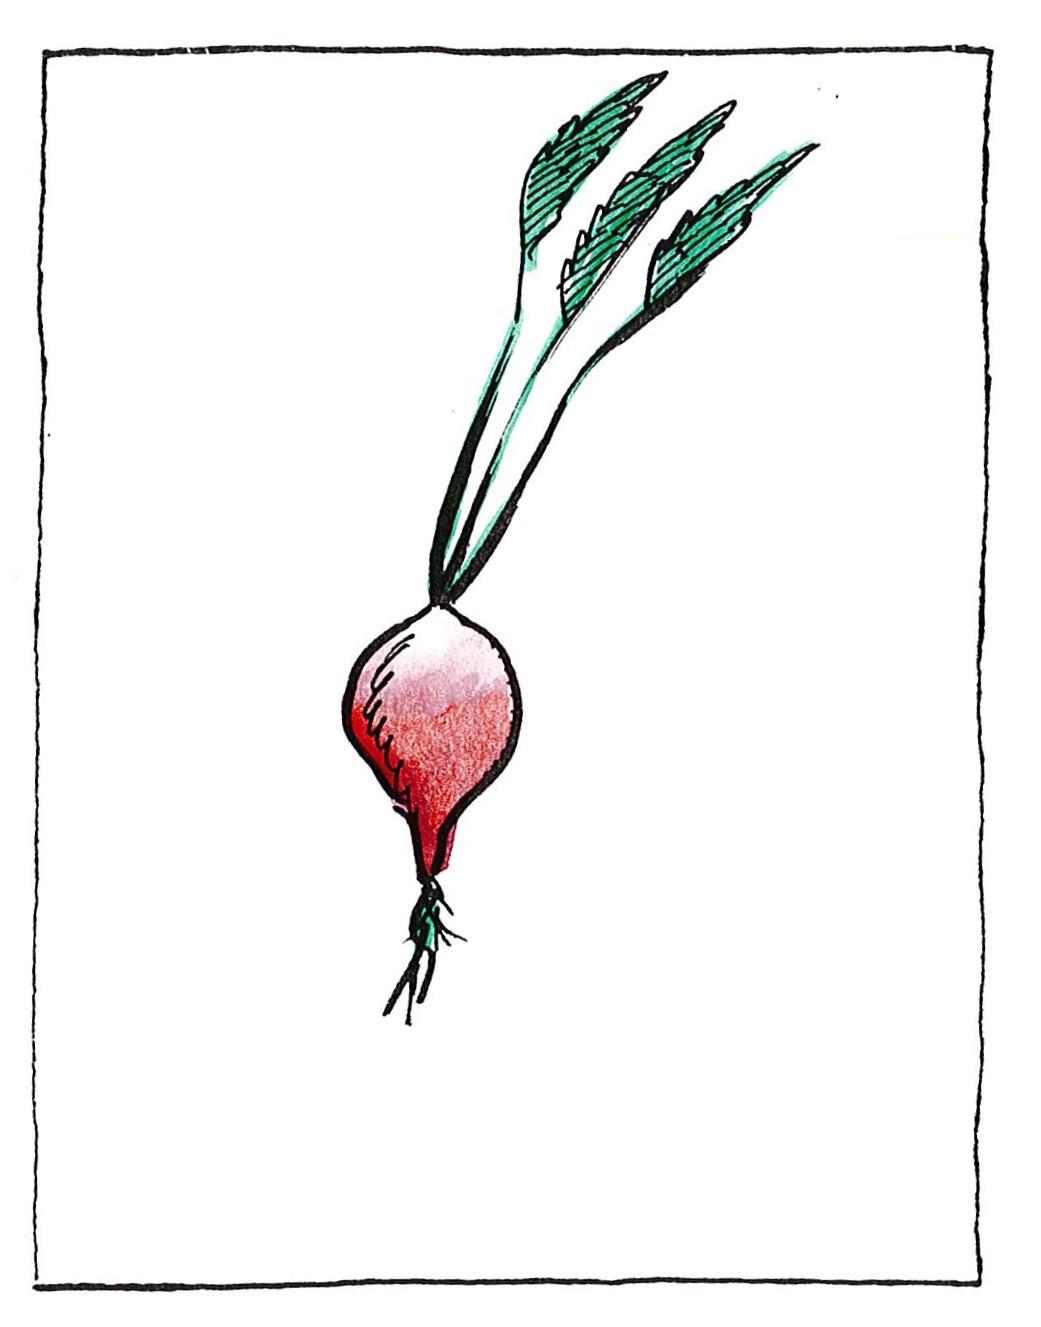 Ραπανάκι